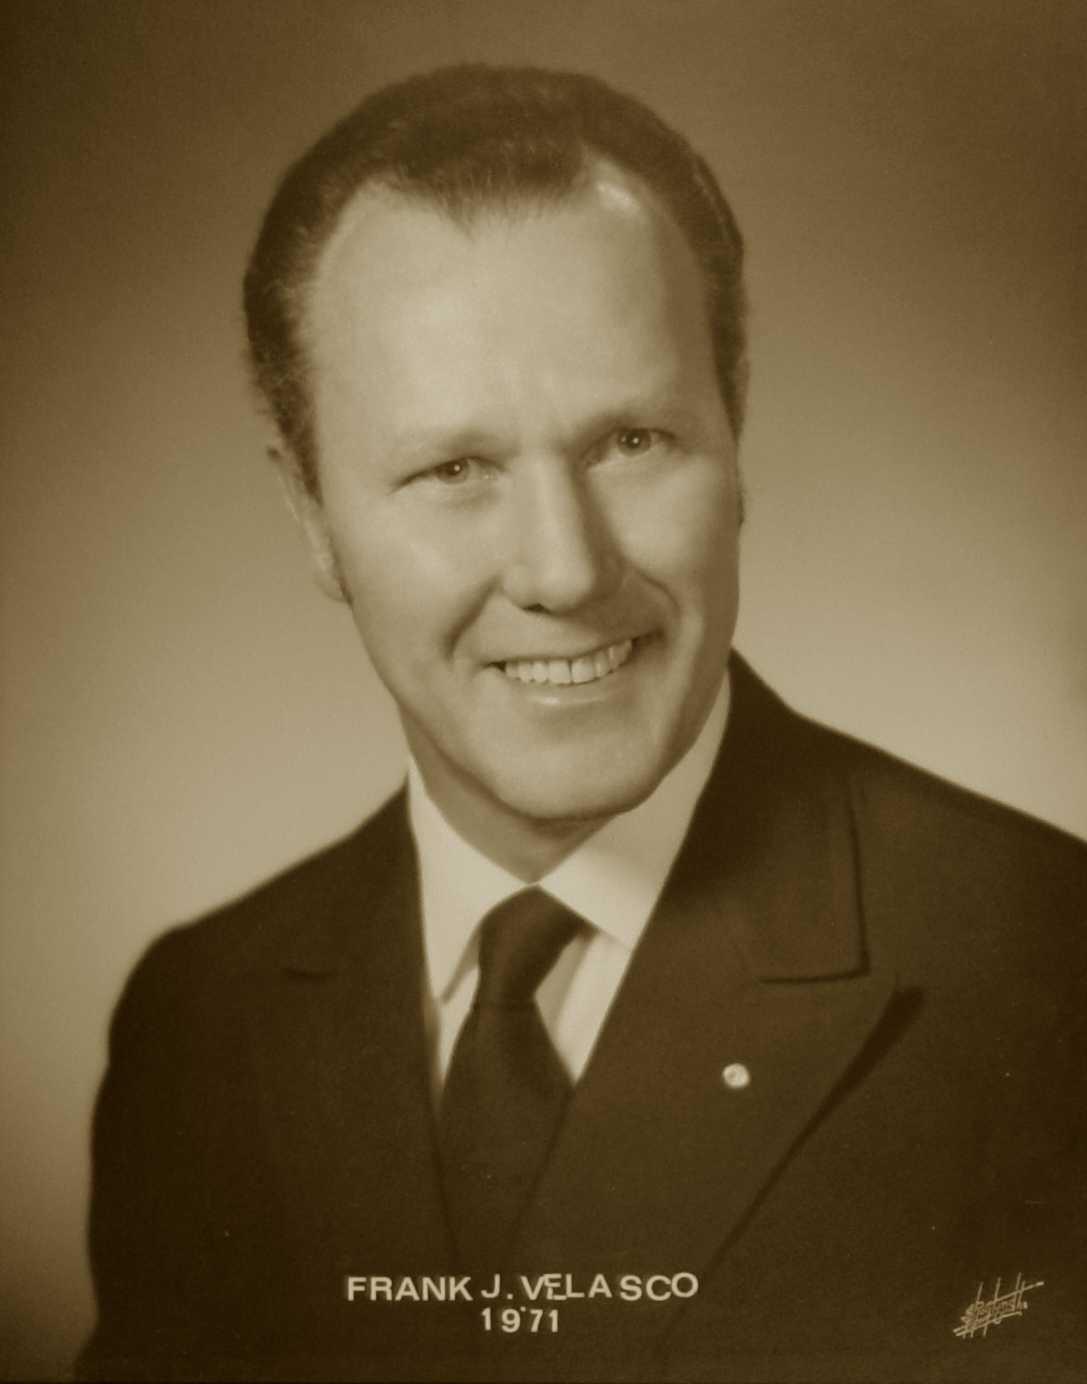 Frank J. Velasco, 1971